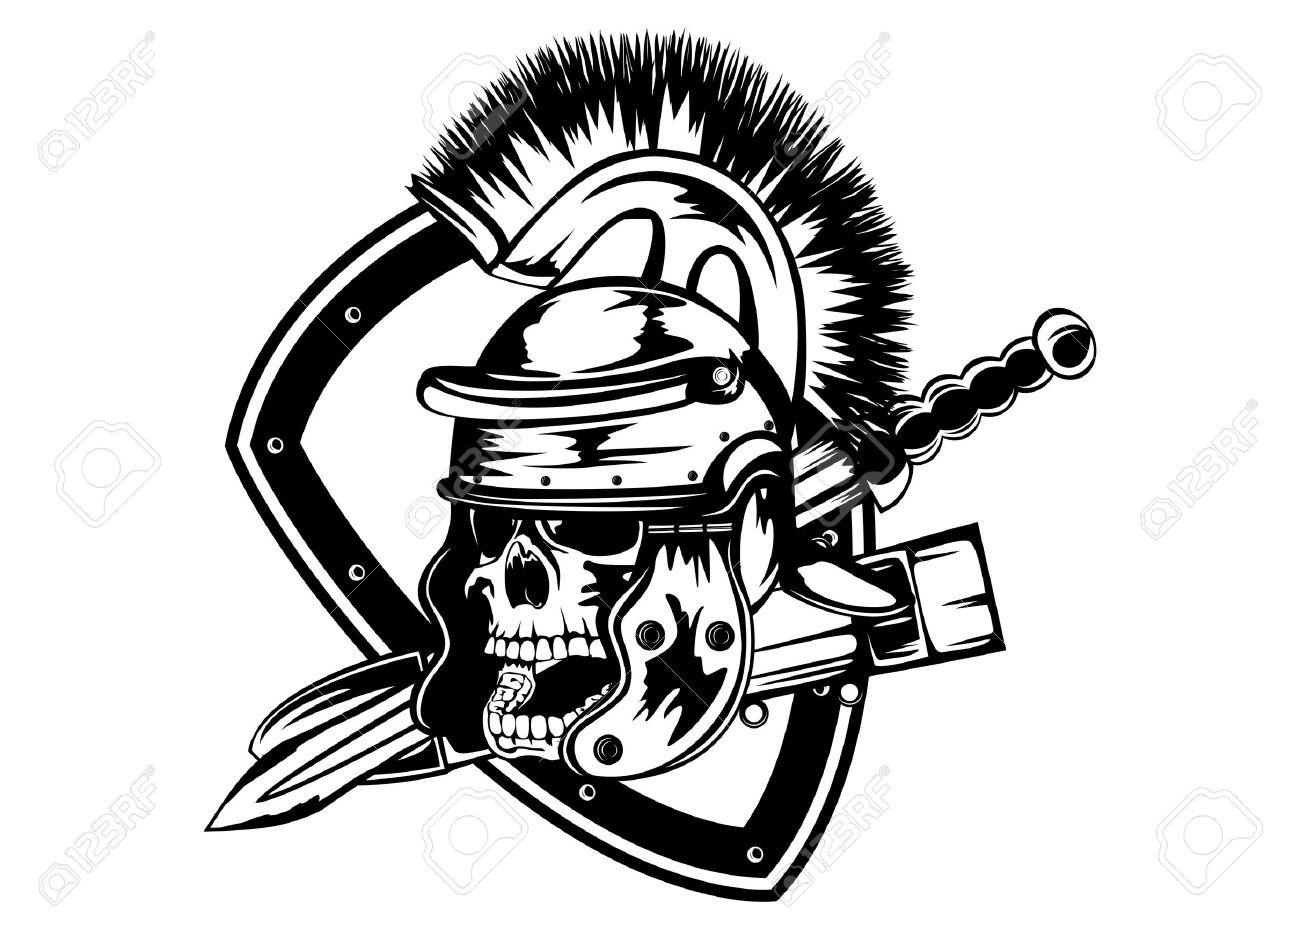 illustration skull in legionary helmet and sword royalty free